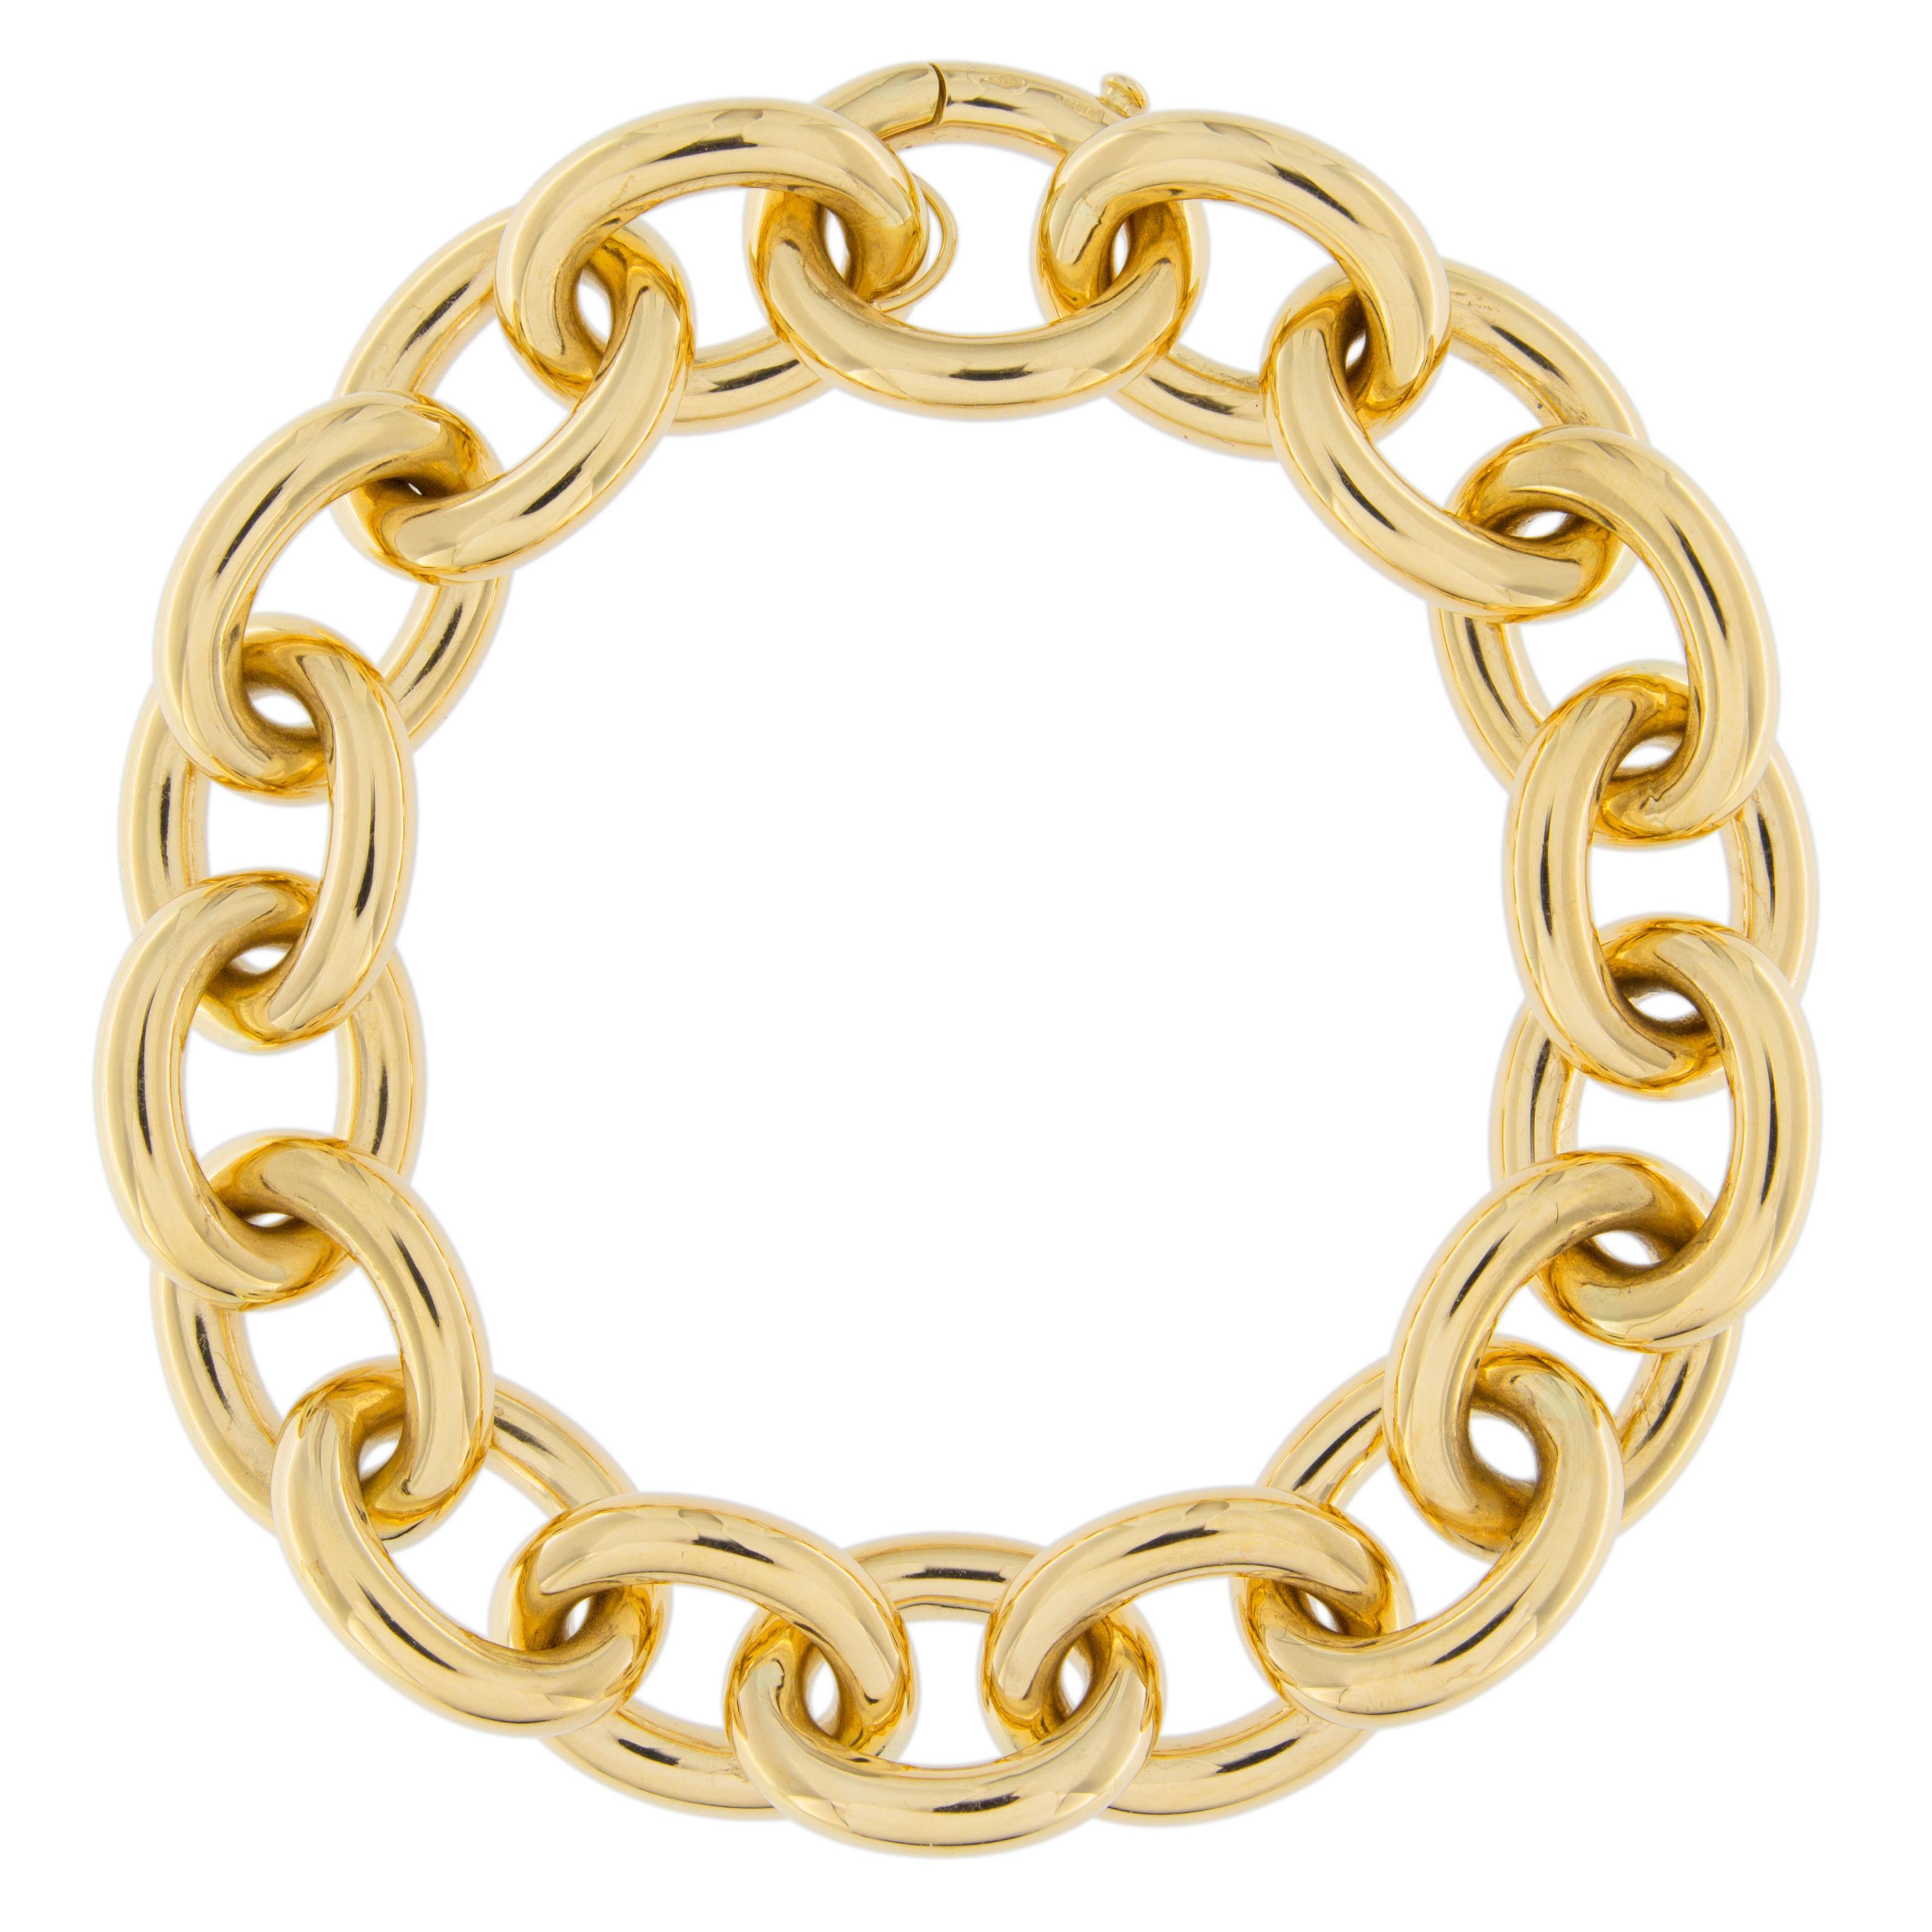 Diamond Vintage And Antique Bracelets 11 916 For Sale At 1stdibs